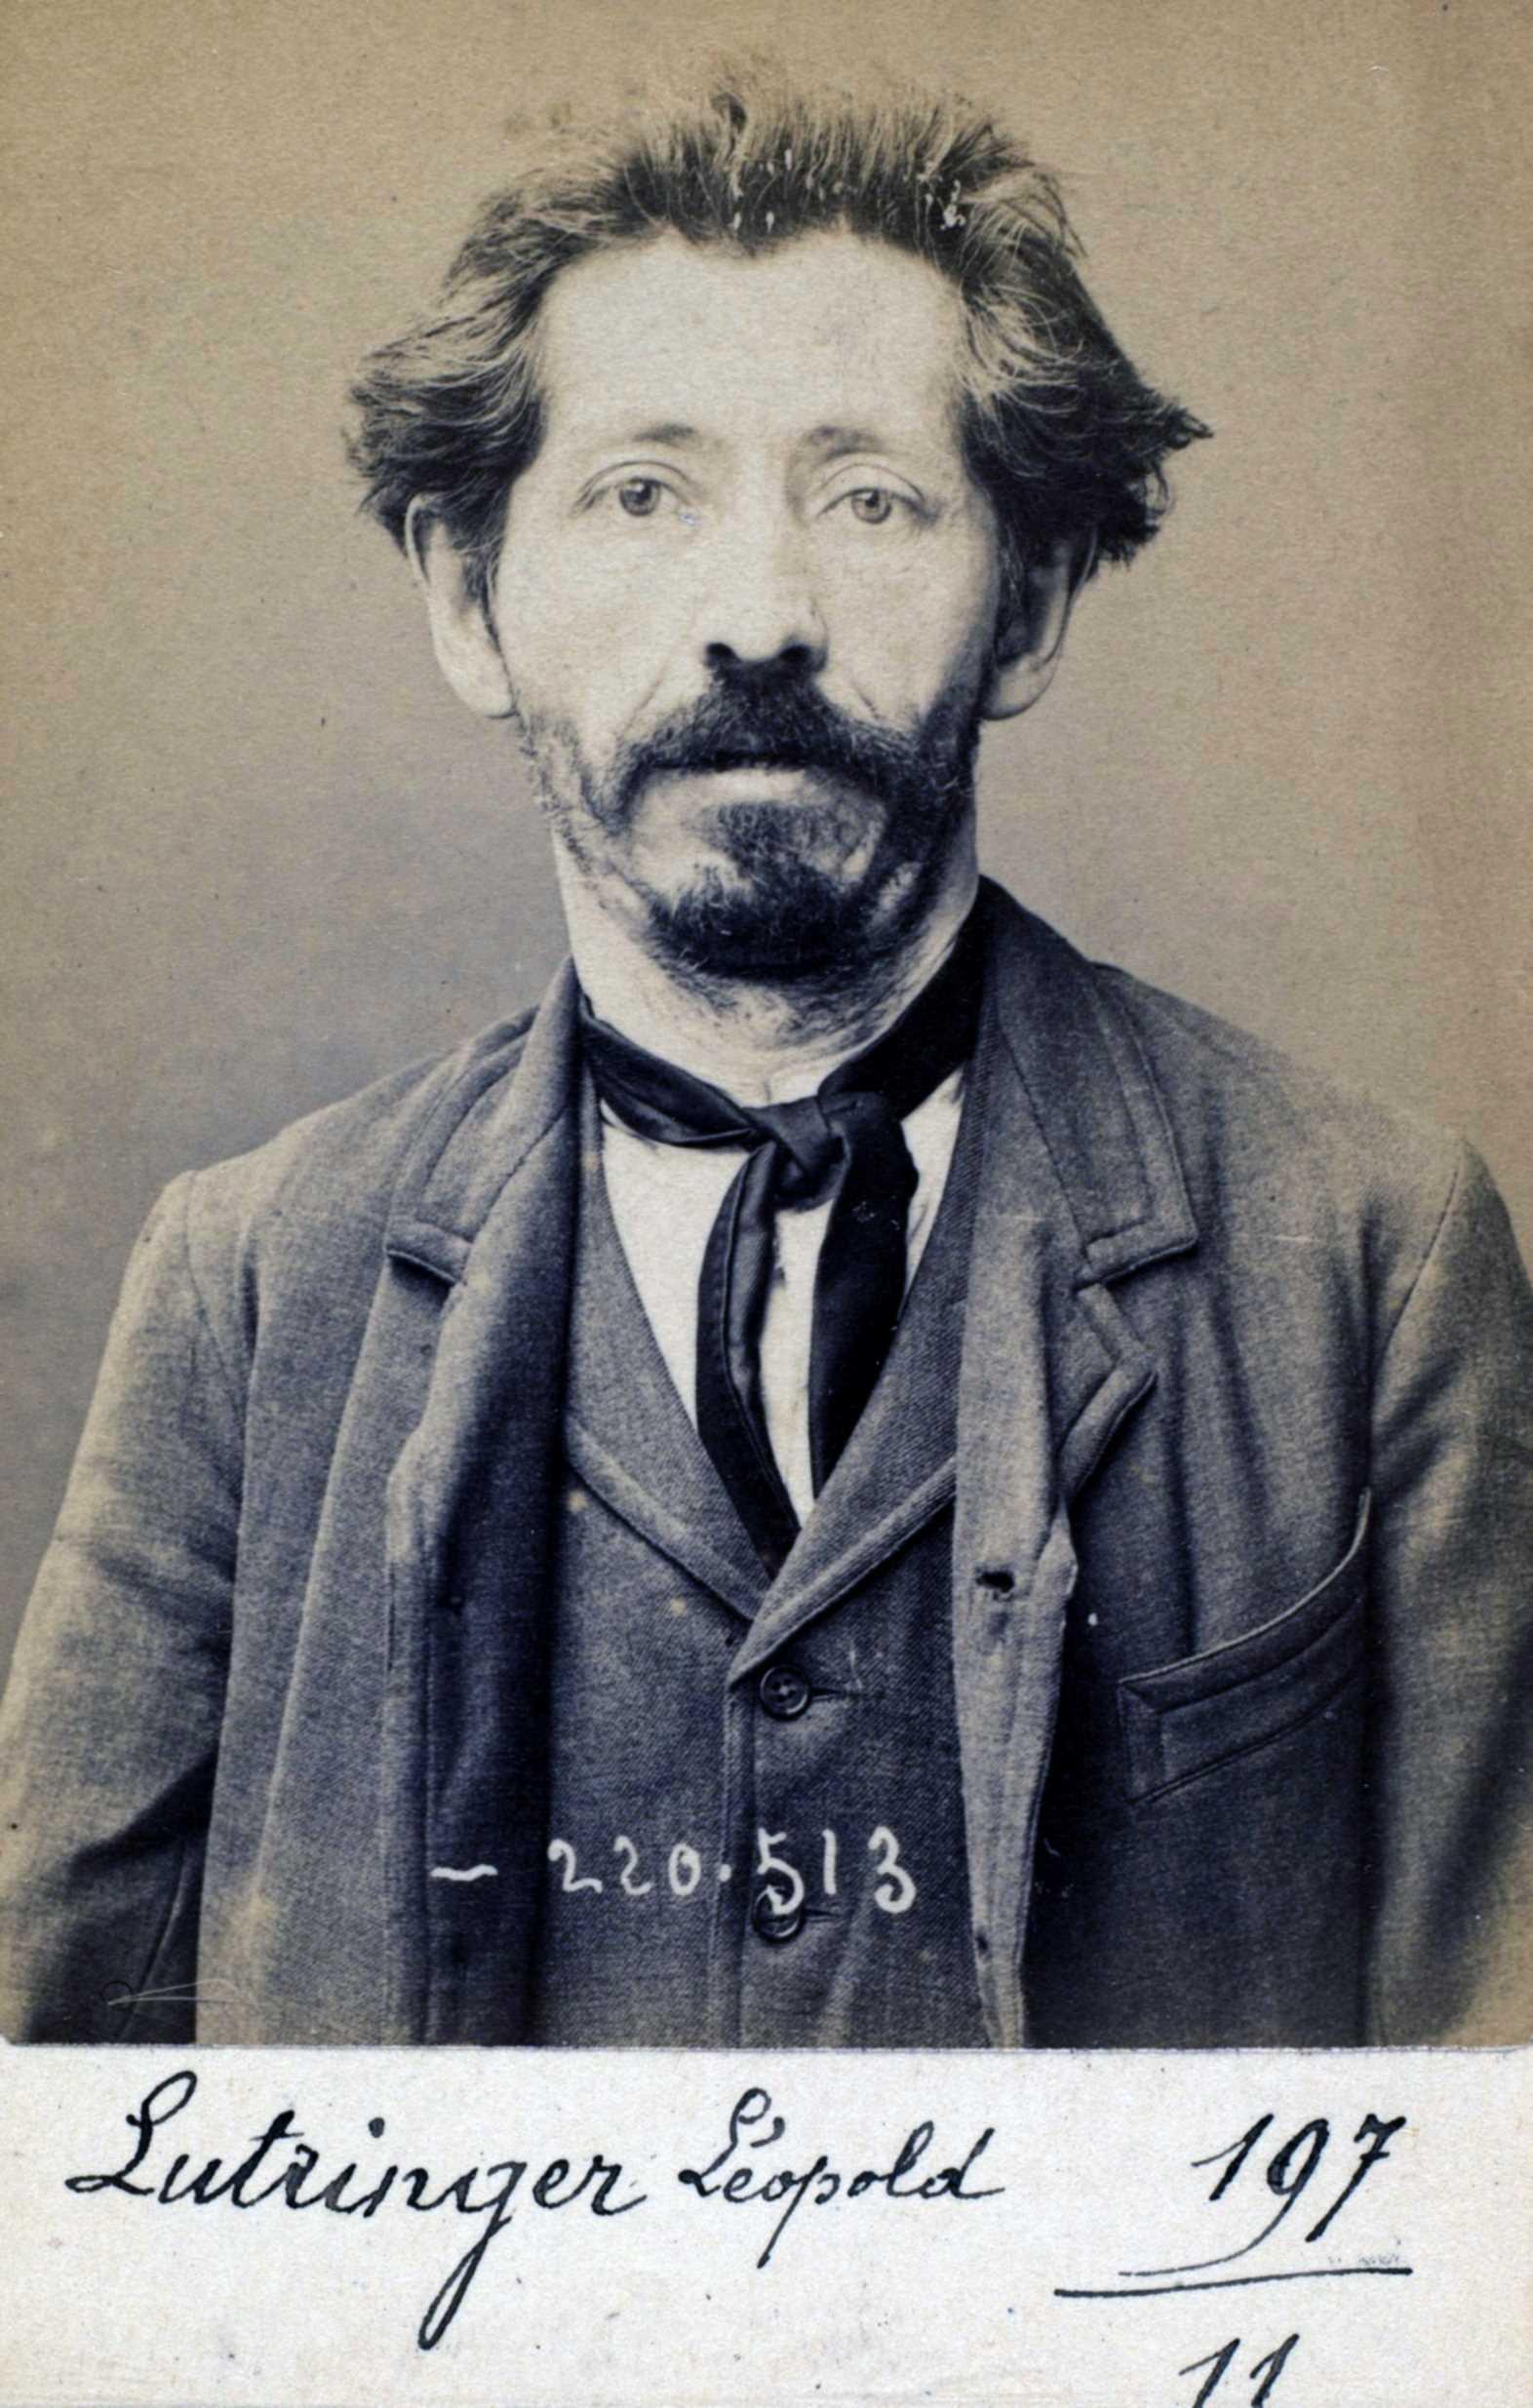 Foto policíaca de Léopold Lutringer (3 de juliol de 1894)